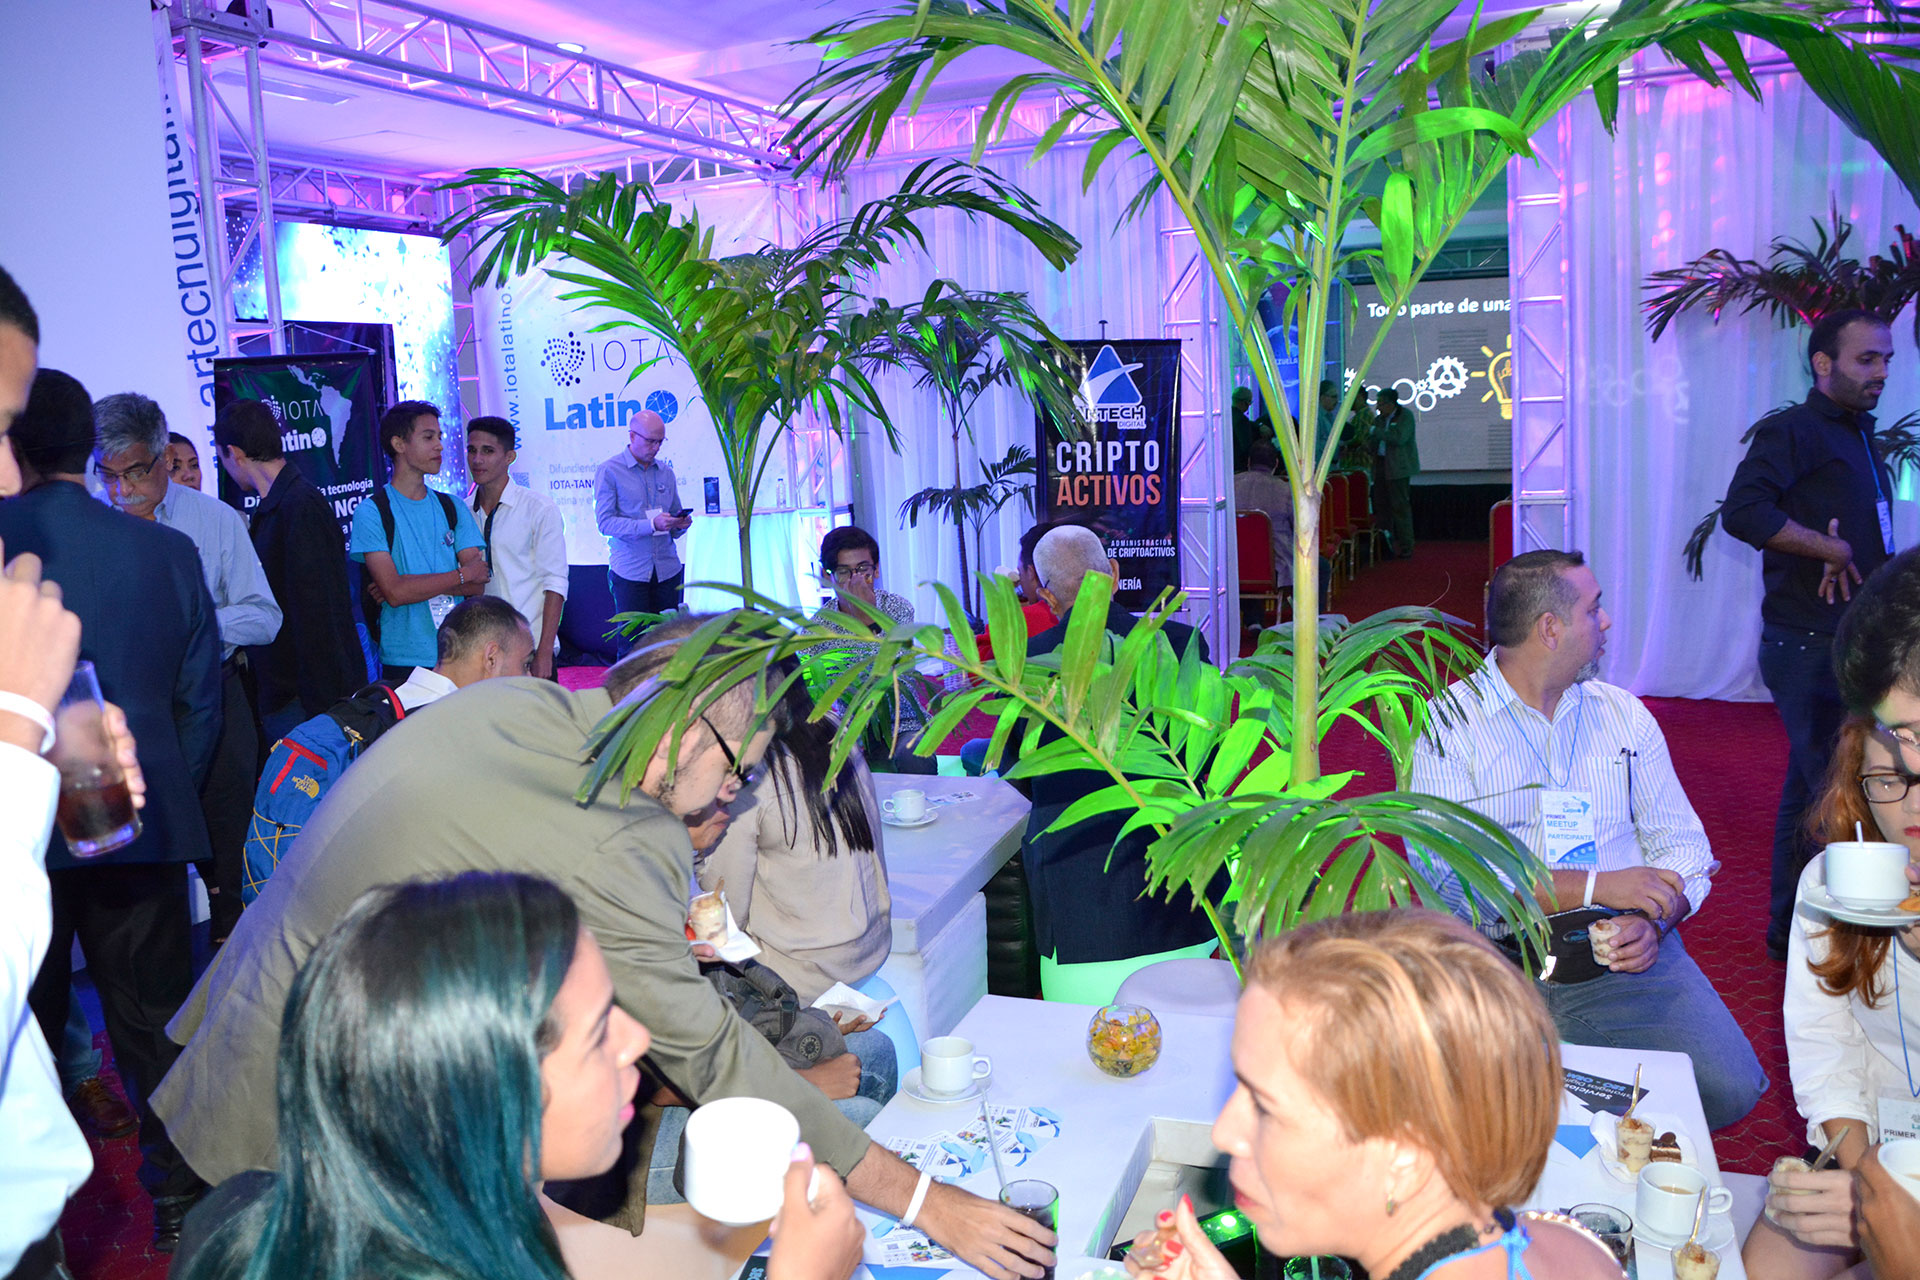 primer meetup de IOTA en Venezuela - Artech Diogital